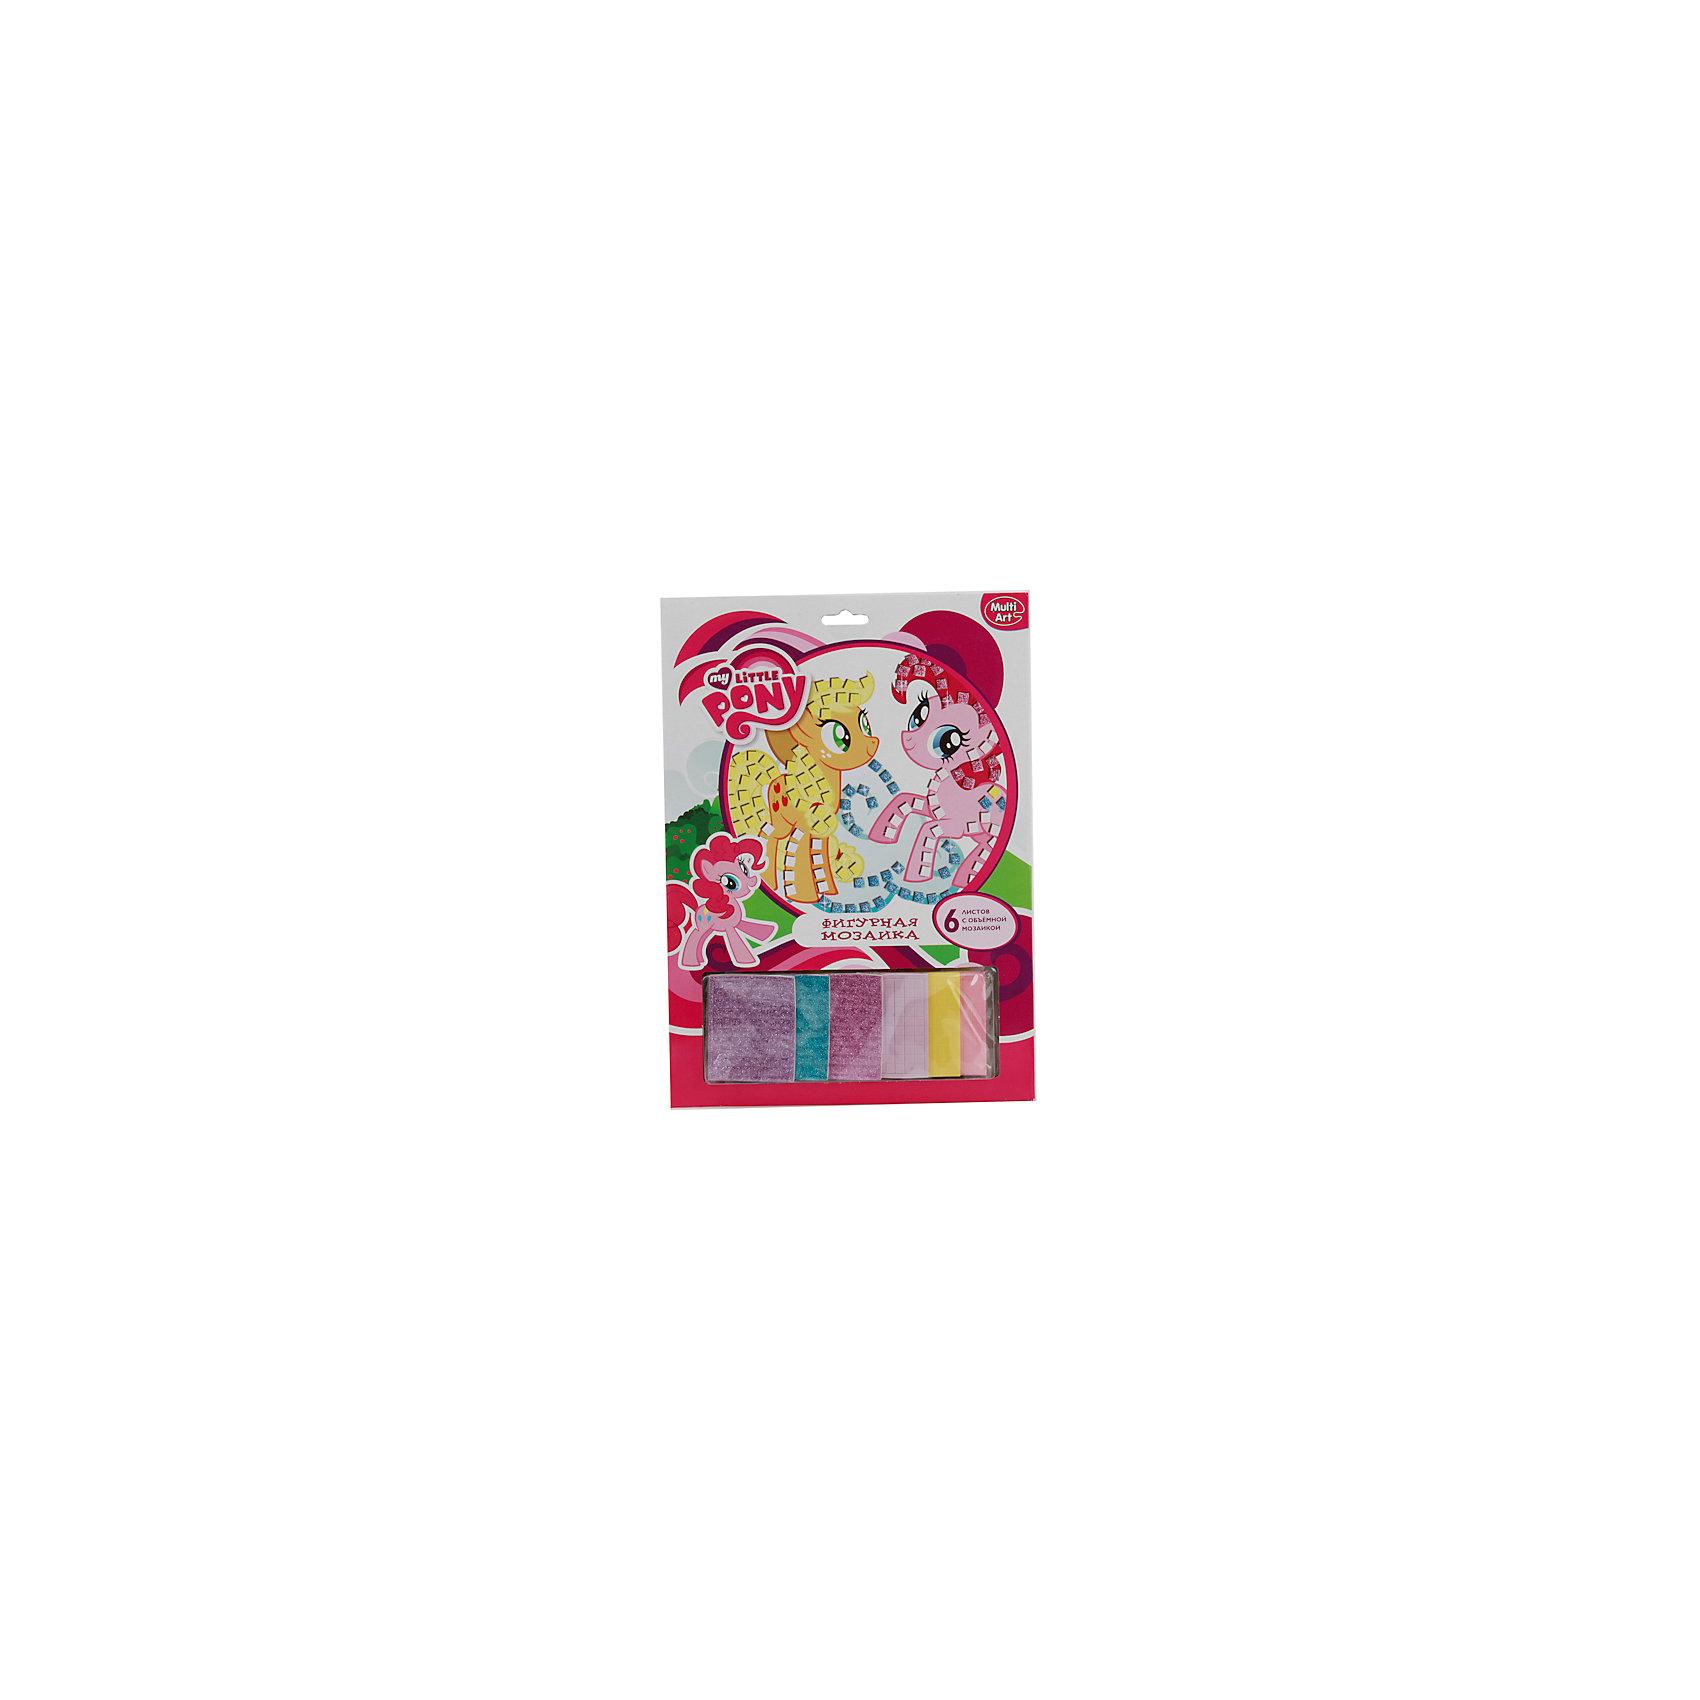 Набор Фигурная мозаика со стразами, My Little PonyМозаика<br>Набор с мозаикой позволит ребенку создать очаровательную картинку с красивыми лошадками из мультика My Little Pony. Хорошо развивает воображение, формирует усидчивость. Готовую картинку можно оставить для подарка или украсить ей квартиру.<br>Дополнительная информация:<br>-в наборе: клеящие элементы,6 листов с мозаикой, блестки<br>Сказочный персонаж: My Little Pony<br>-вес: 140 грамм<br>-размер упаковки: 24х33х2 см<br>Фигурную мозаику со стразами My Little Pony можно купить в нашем интернет-магазине.<br><br>Ширина мм: 20<br>Глубина мм: 330<br>Высота мм: 240<br>Вес г: 140<br>Возраст от месяцев: 72<br>Возраст до месяцев: 120<br>Пол: Женский<br>Возраст: Детский<br>SKU: 4915541